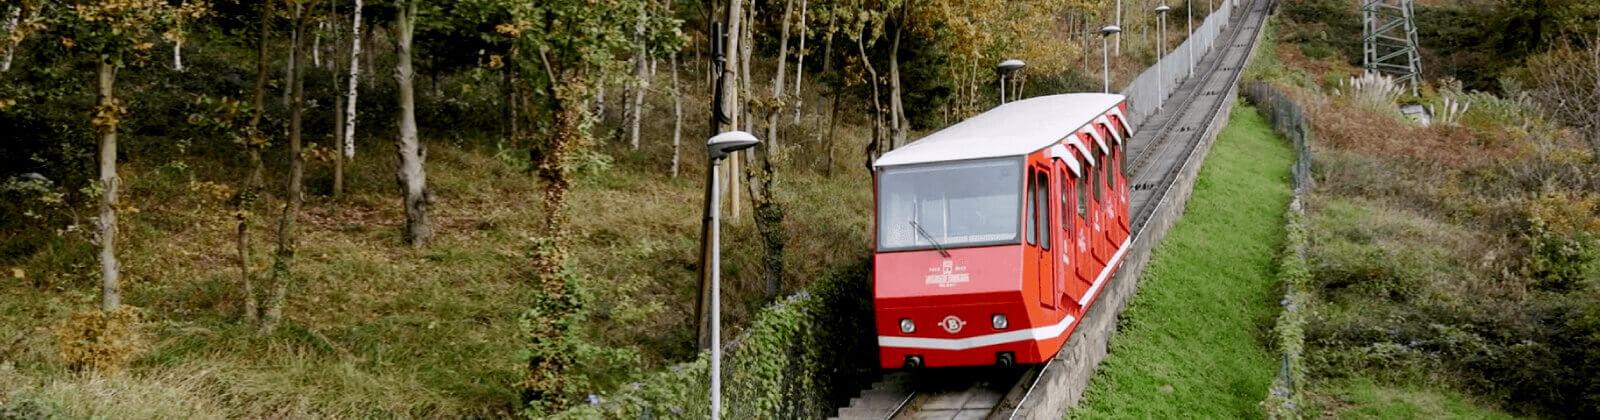 cabecera-foto-funicular